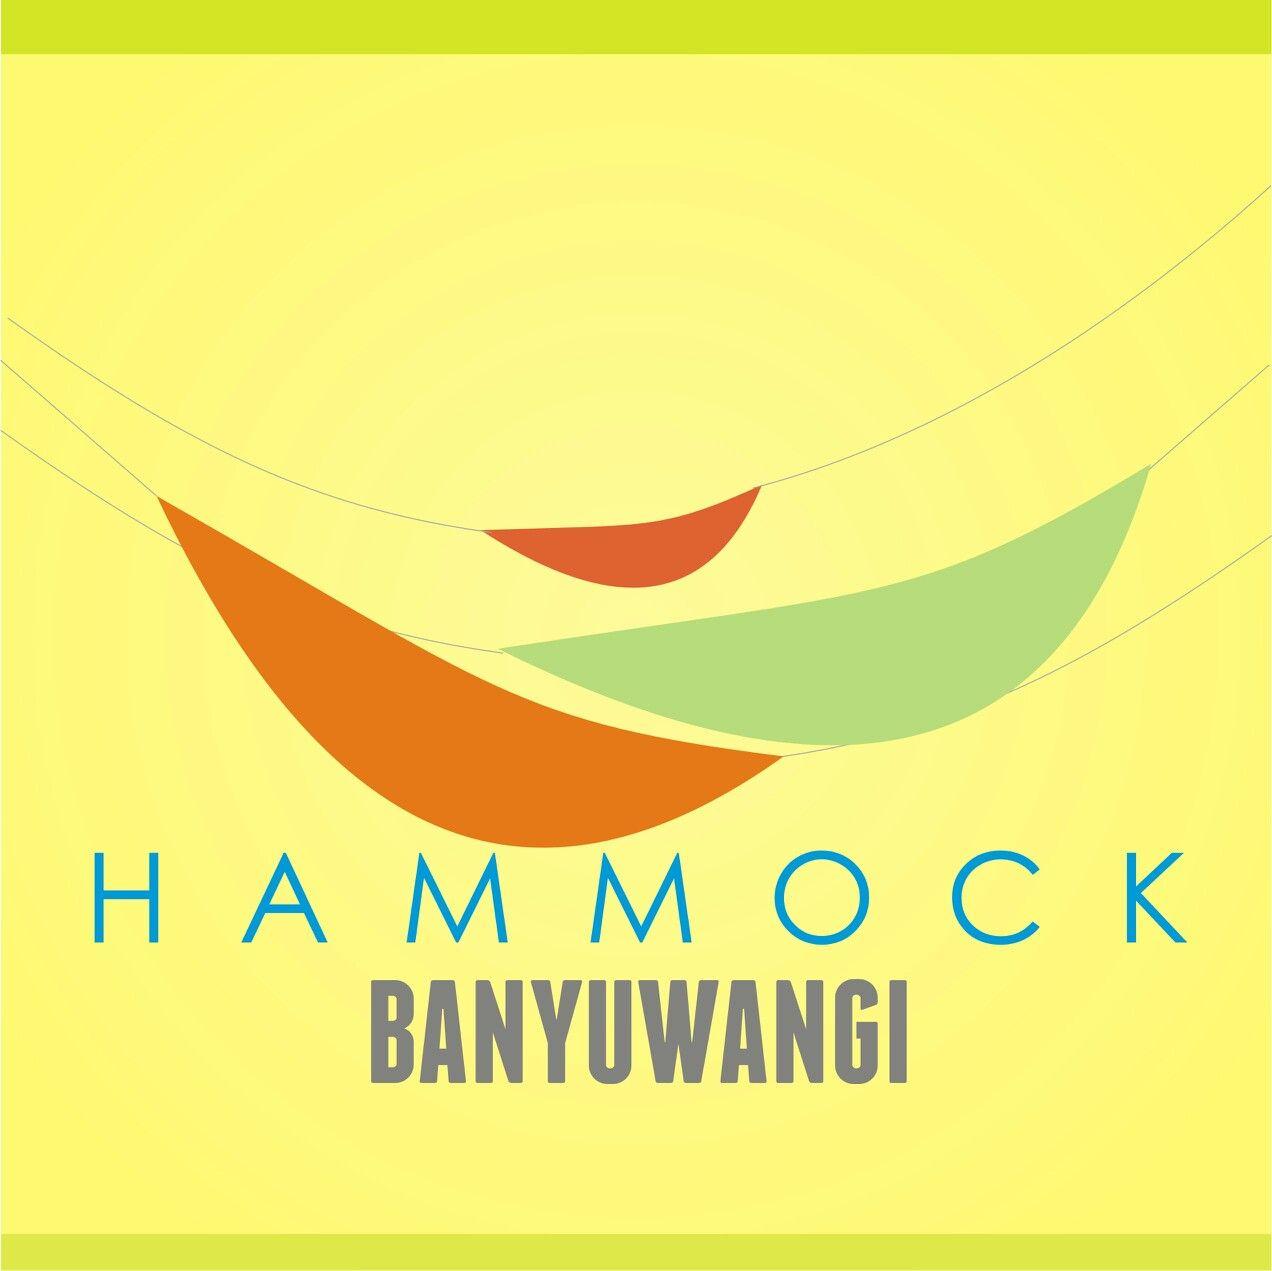 logo design Client: hammock bwi Banyuwangi, east java, indonesia